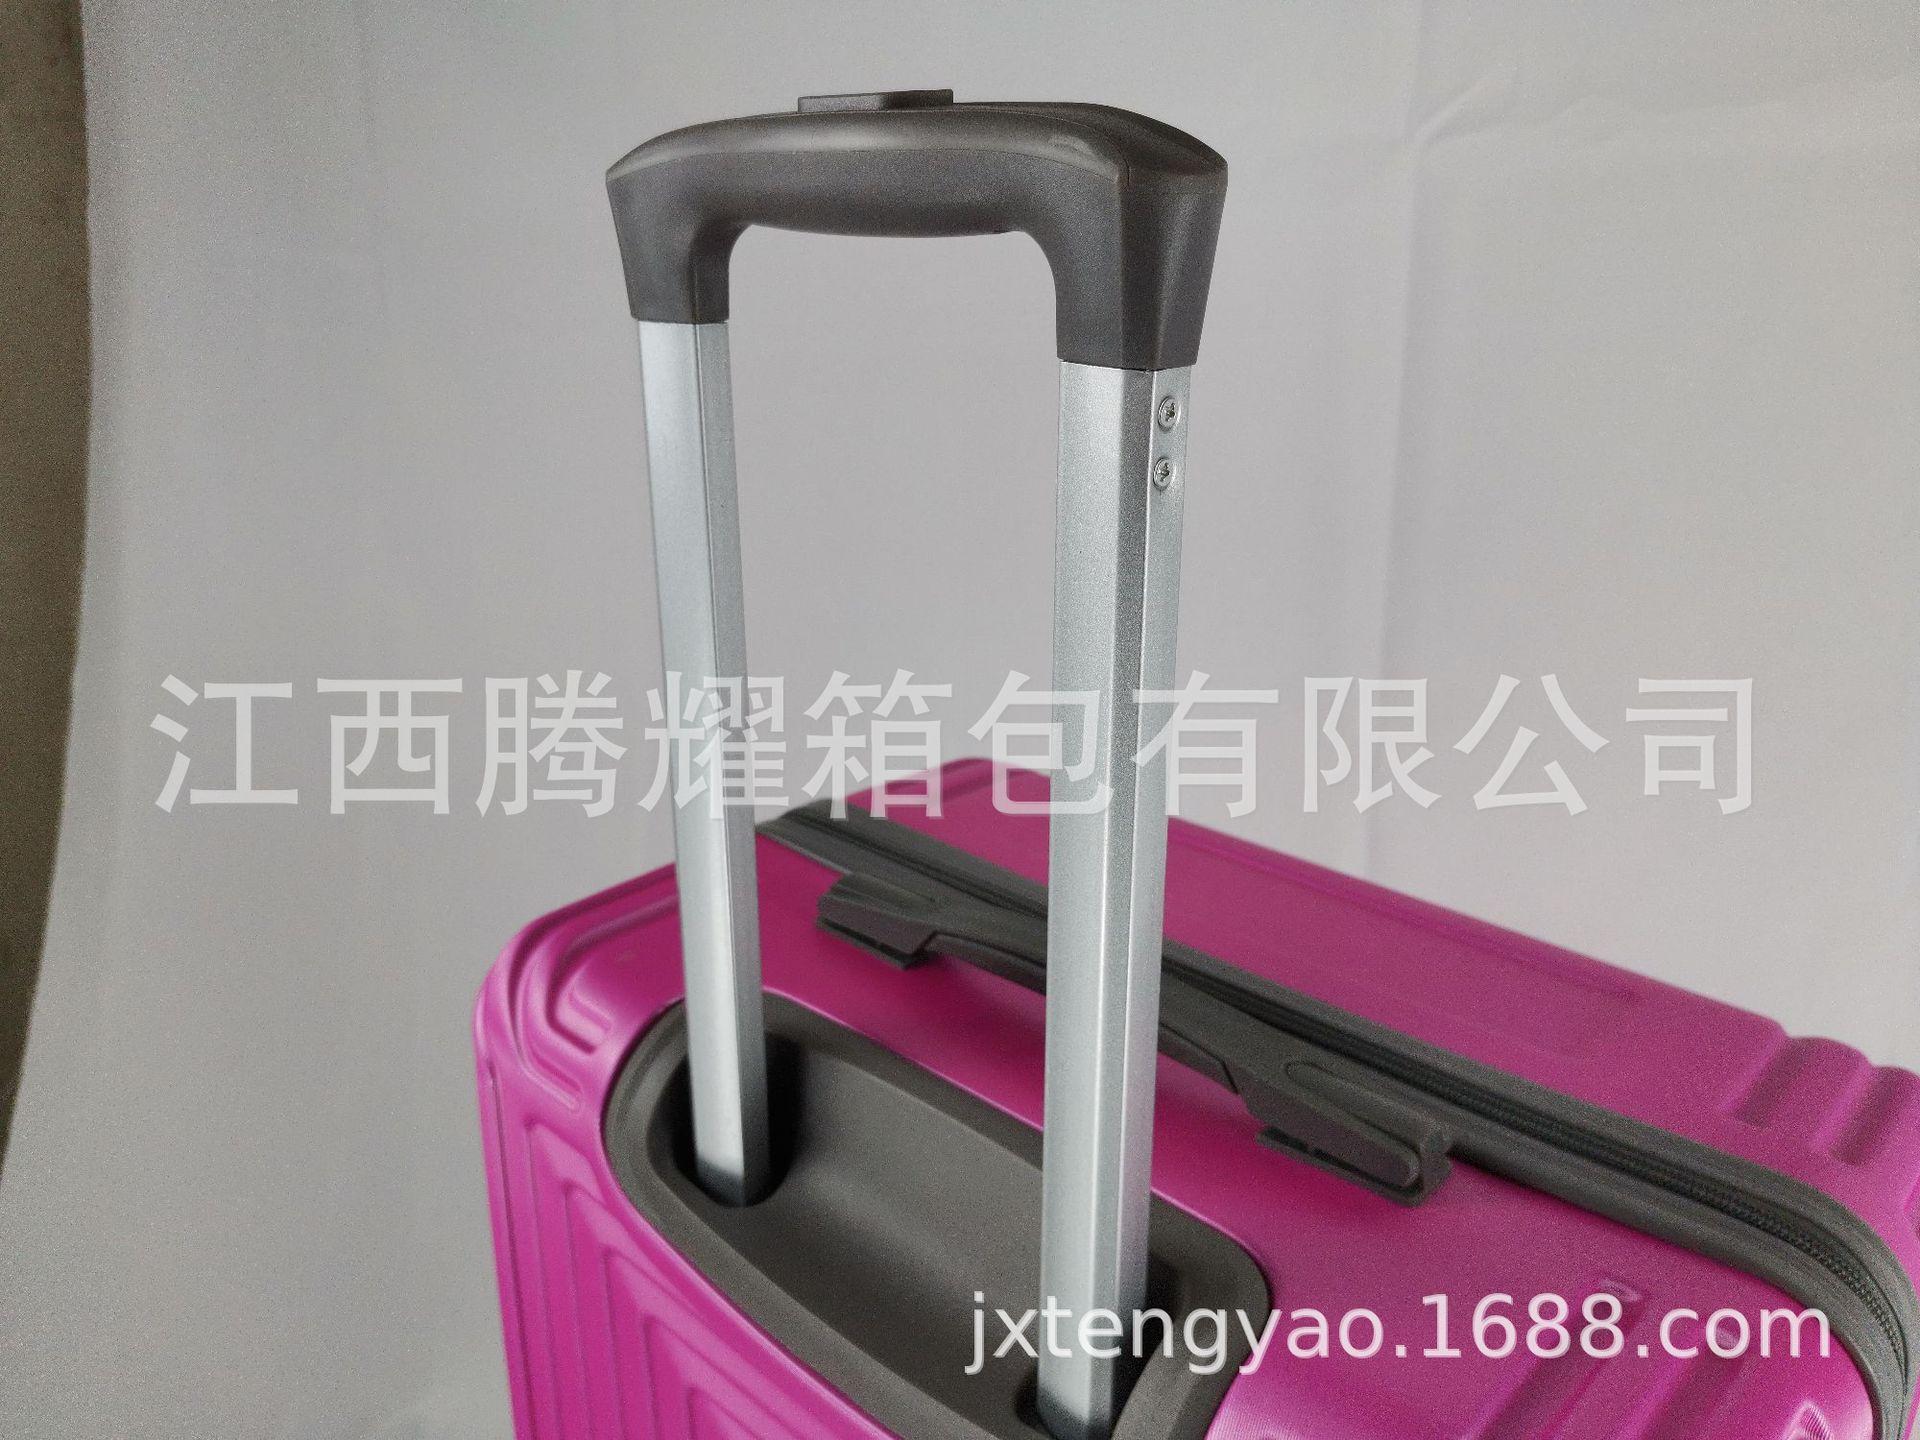 厂家直销学生万向轮拉杆旅行登机箱162024寸141439755